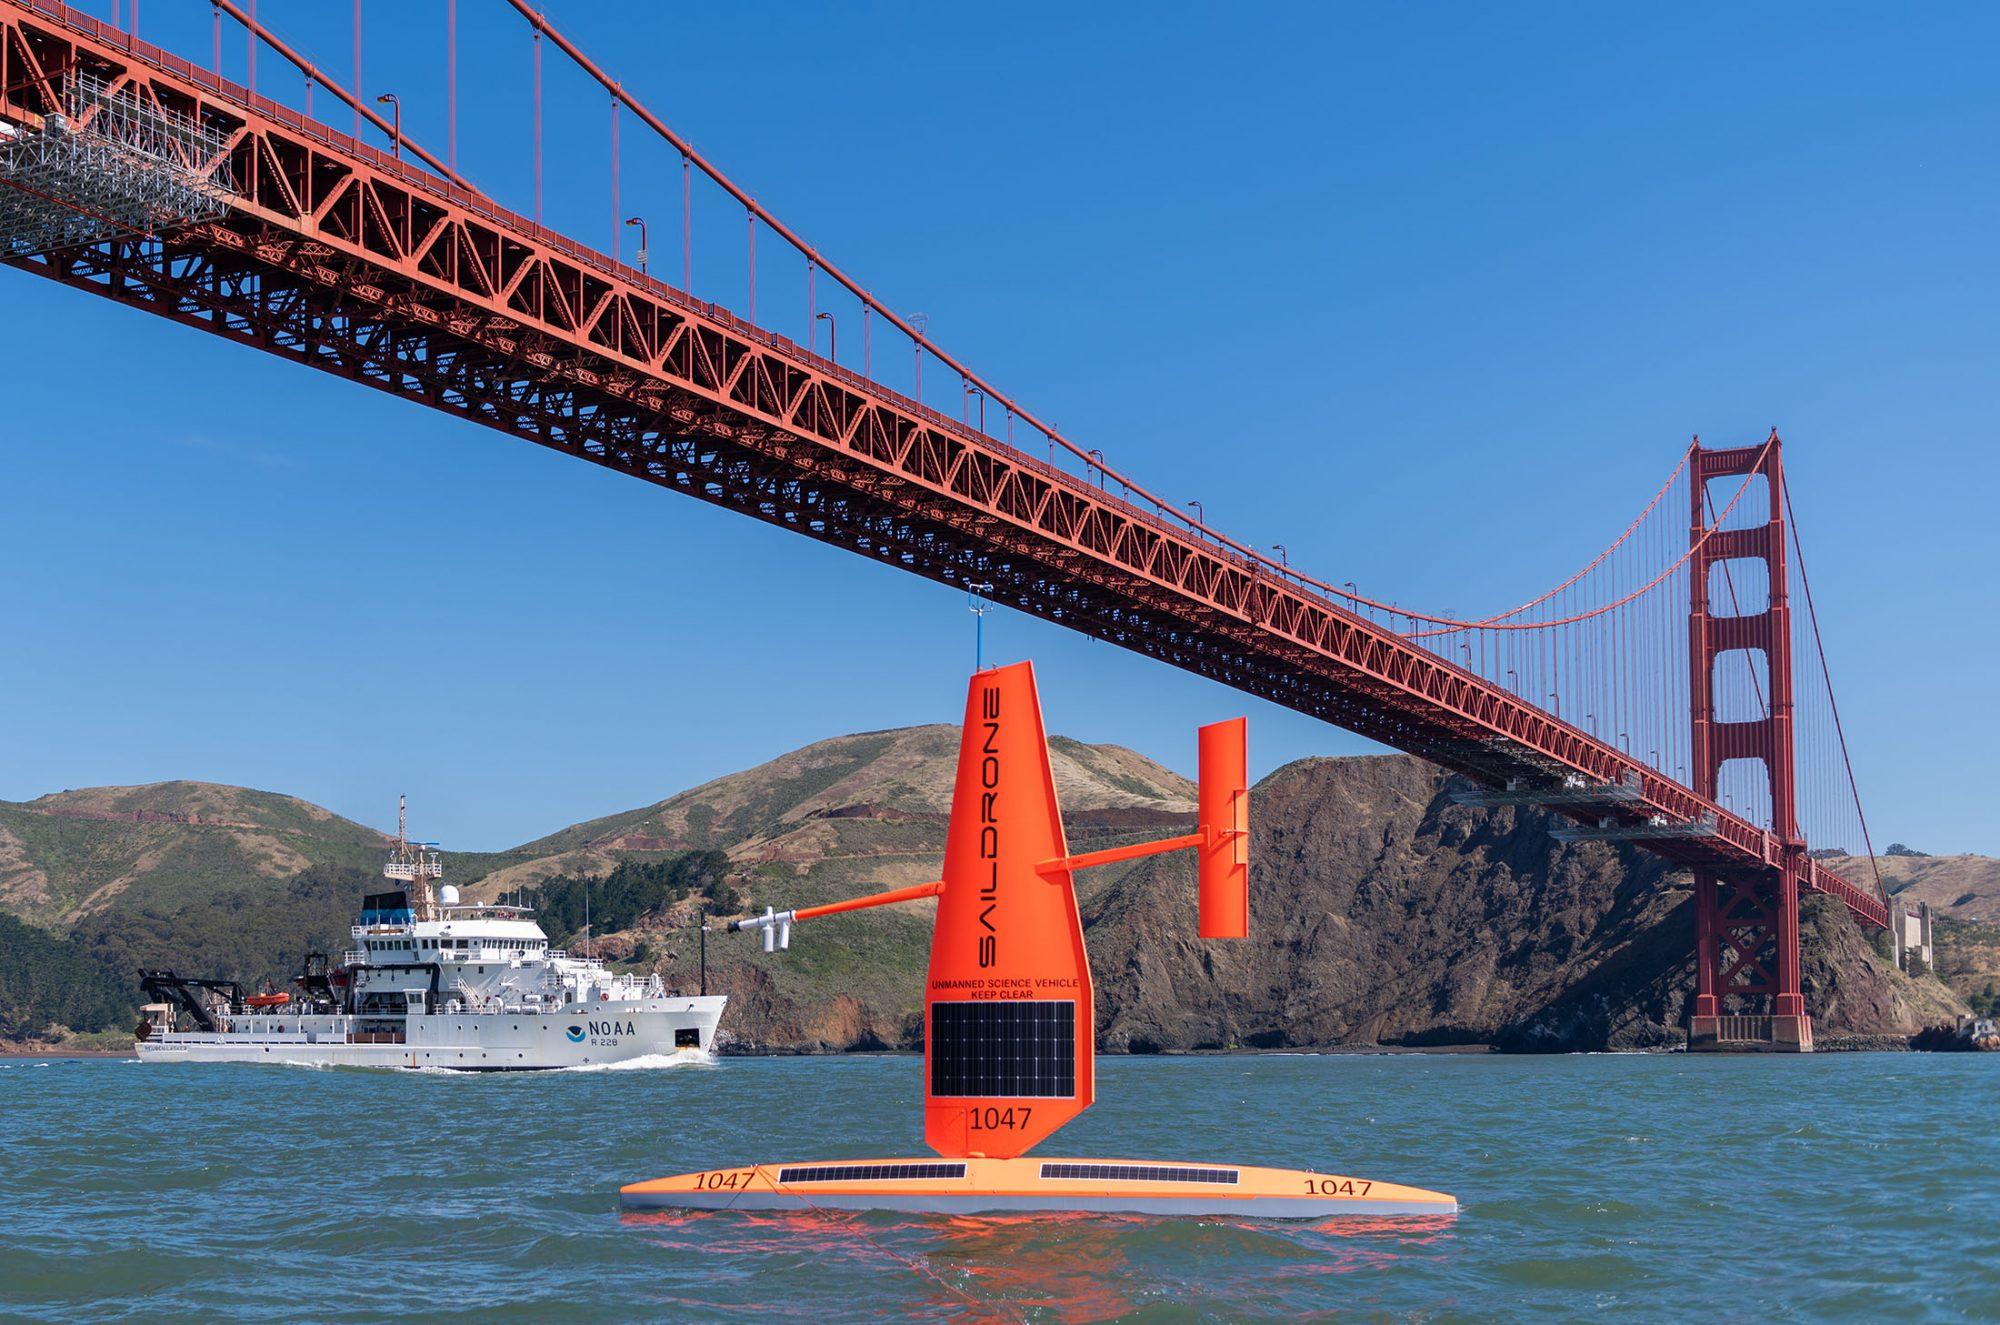 Ces voiliers solaires parcourent les mers pour combattre le changement climatique